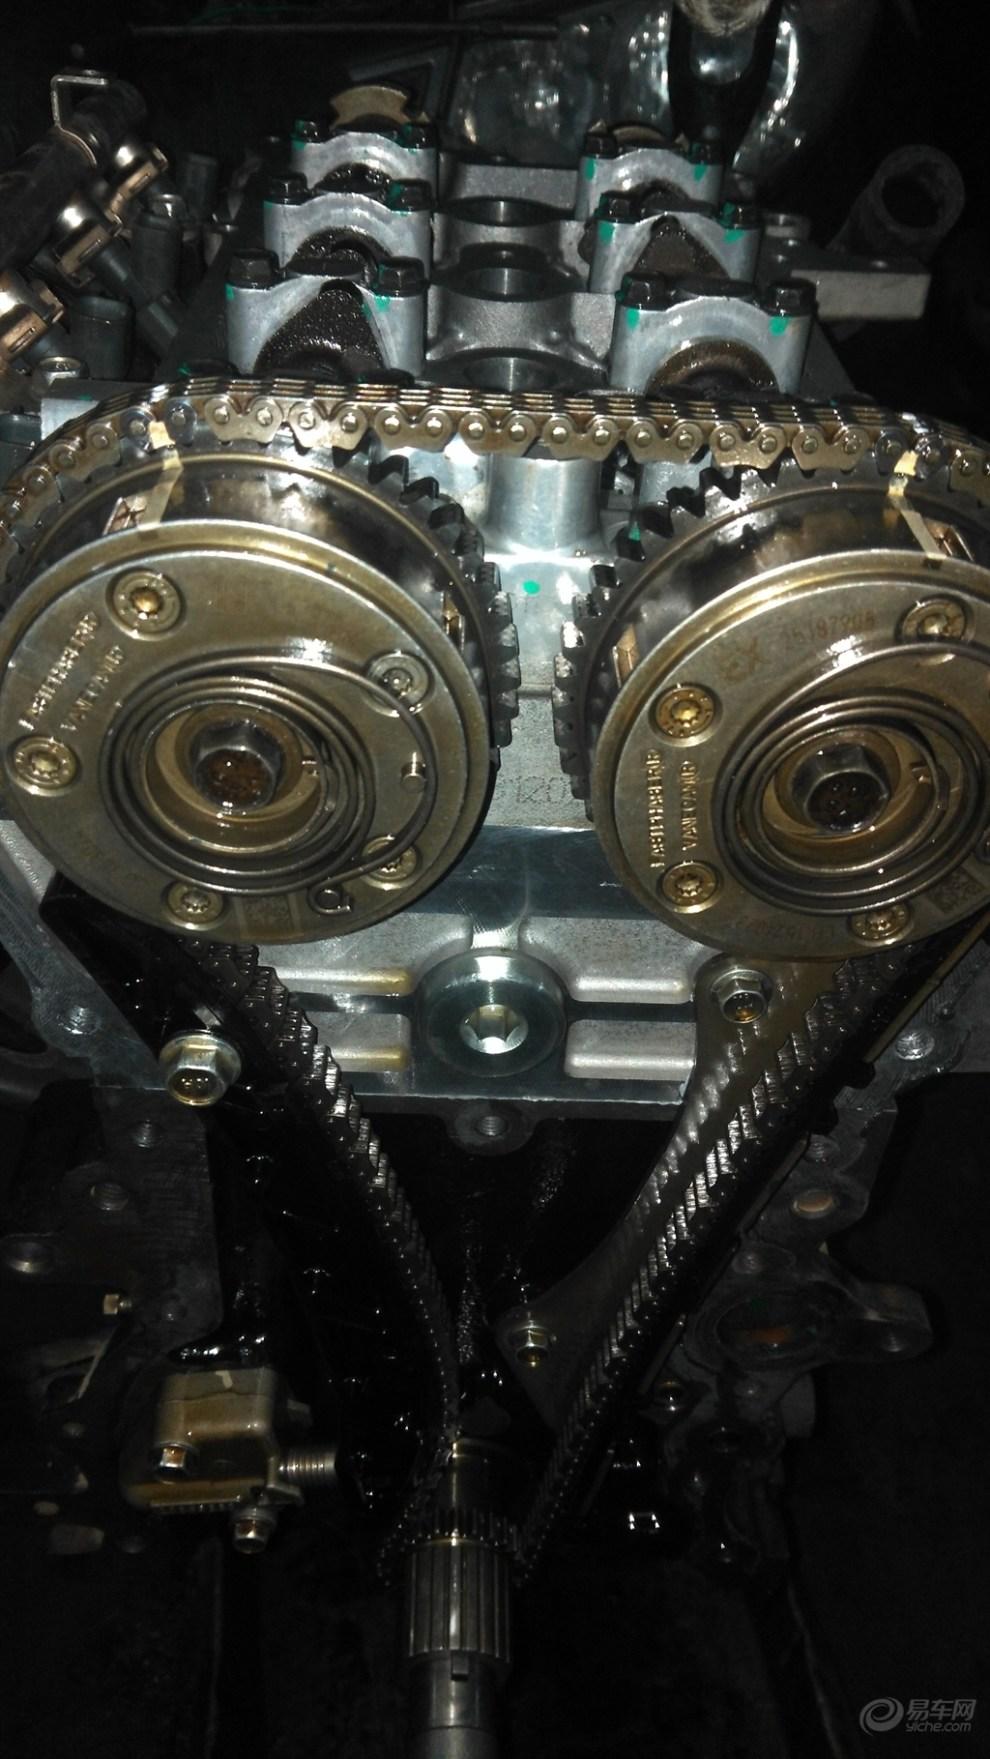 五菱荣光b15 发动机p0016 故障码曲轴位置相对性不合理